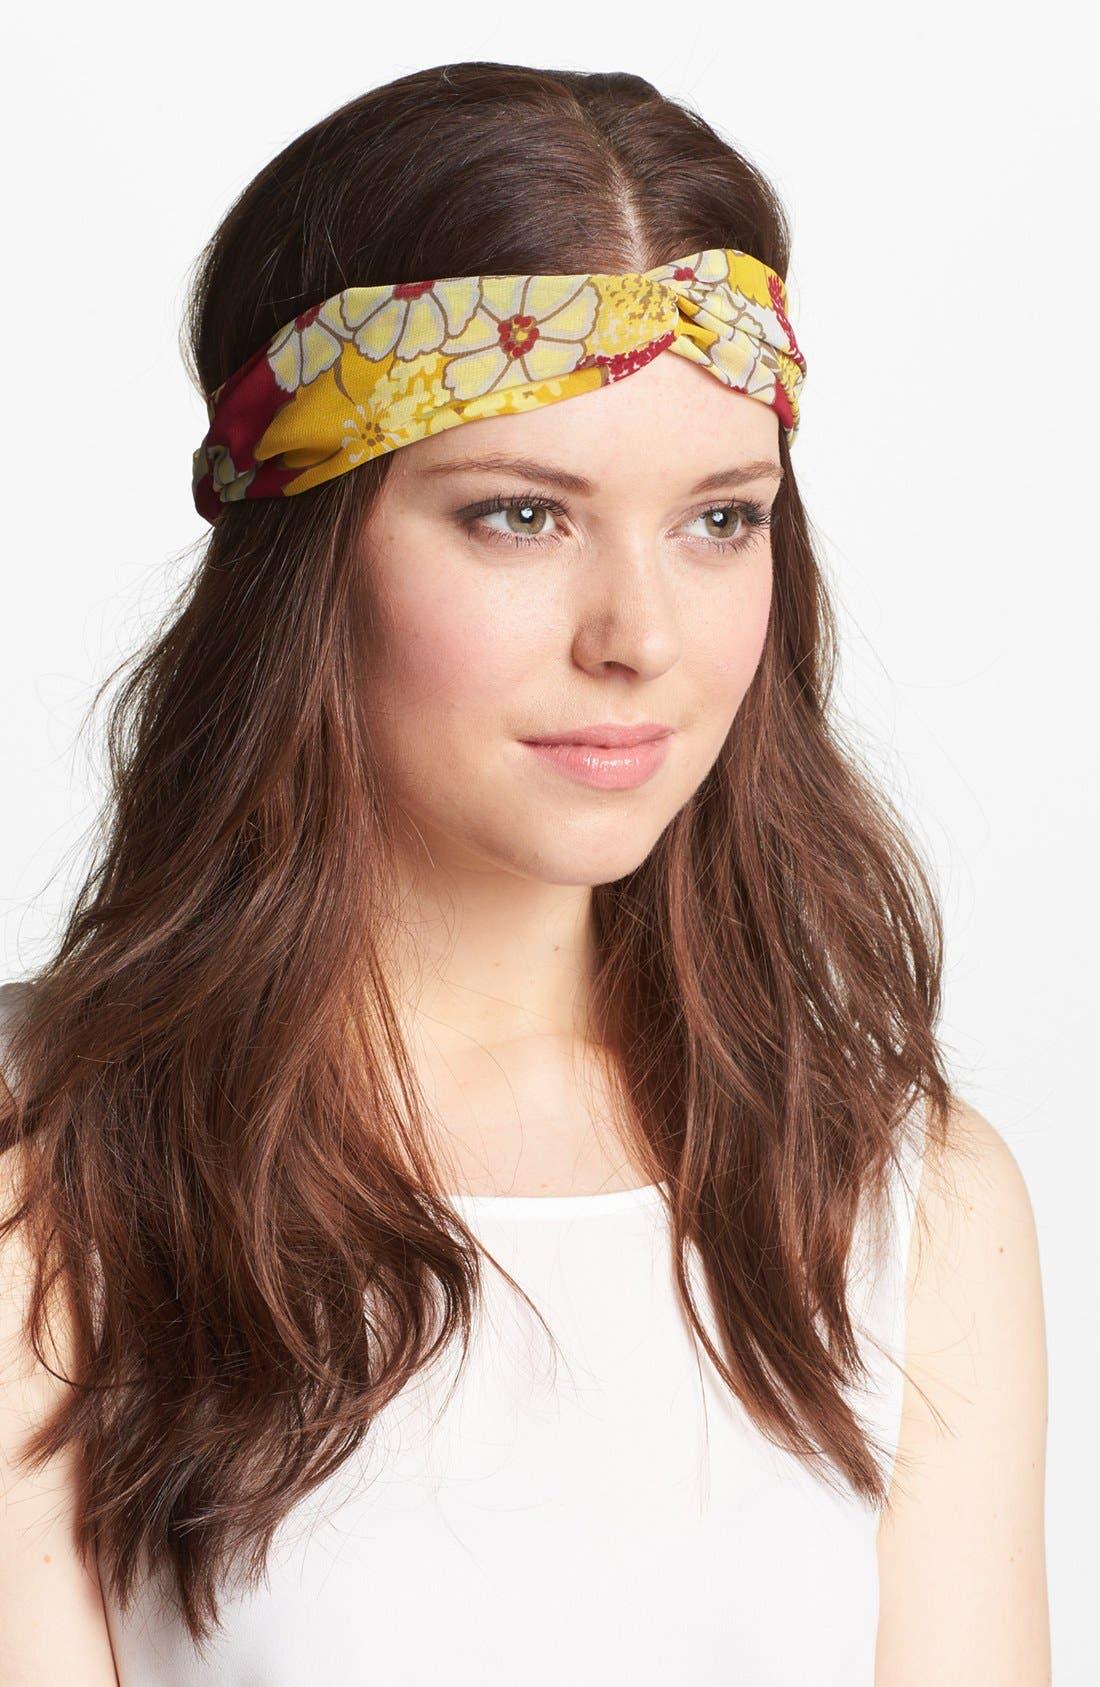 Alternate Image 1 Selected - Tasha 'Floral Interlock' Turban Head Wrap